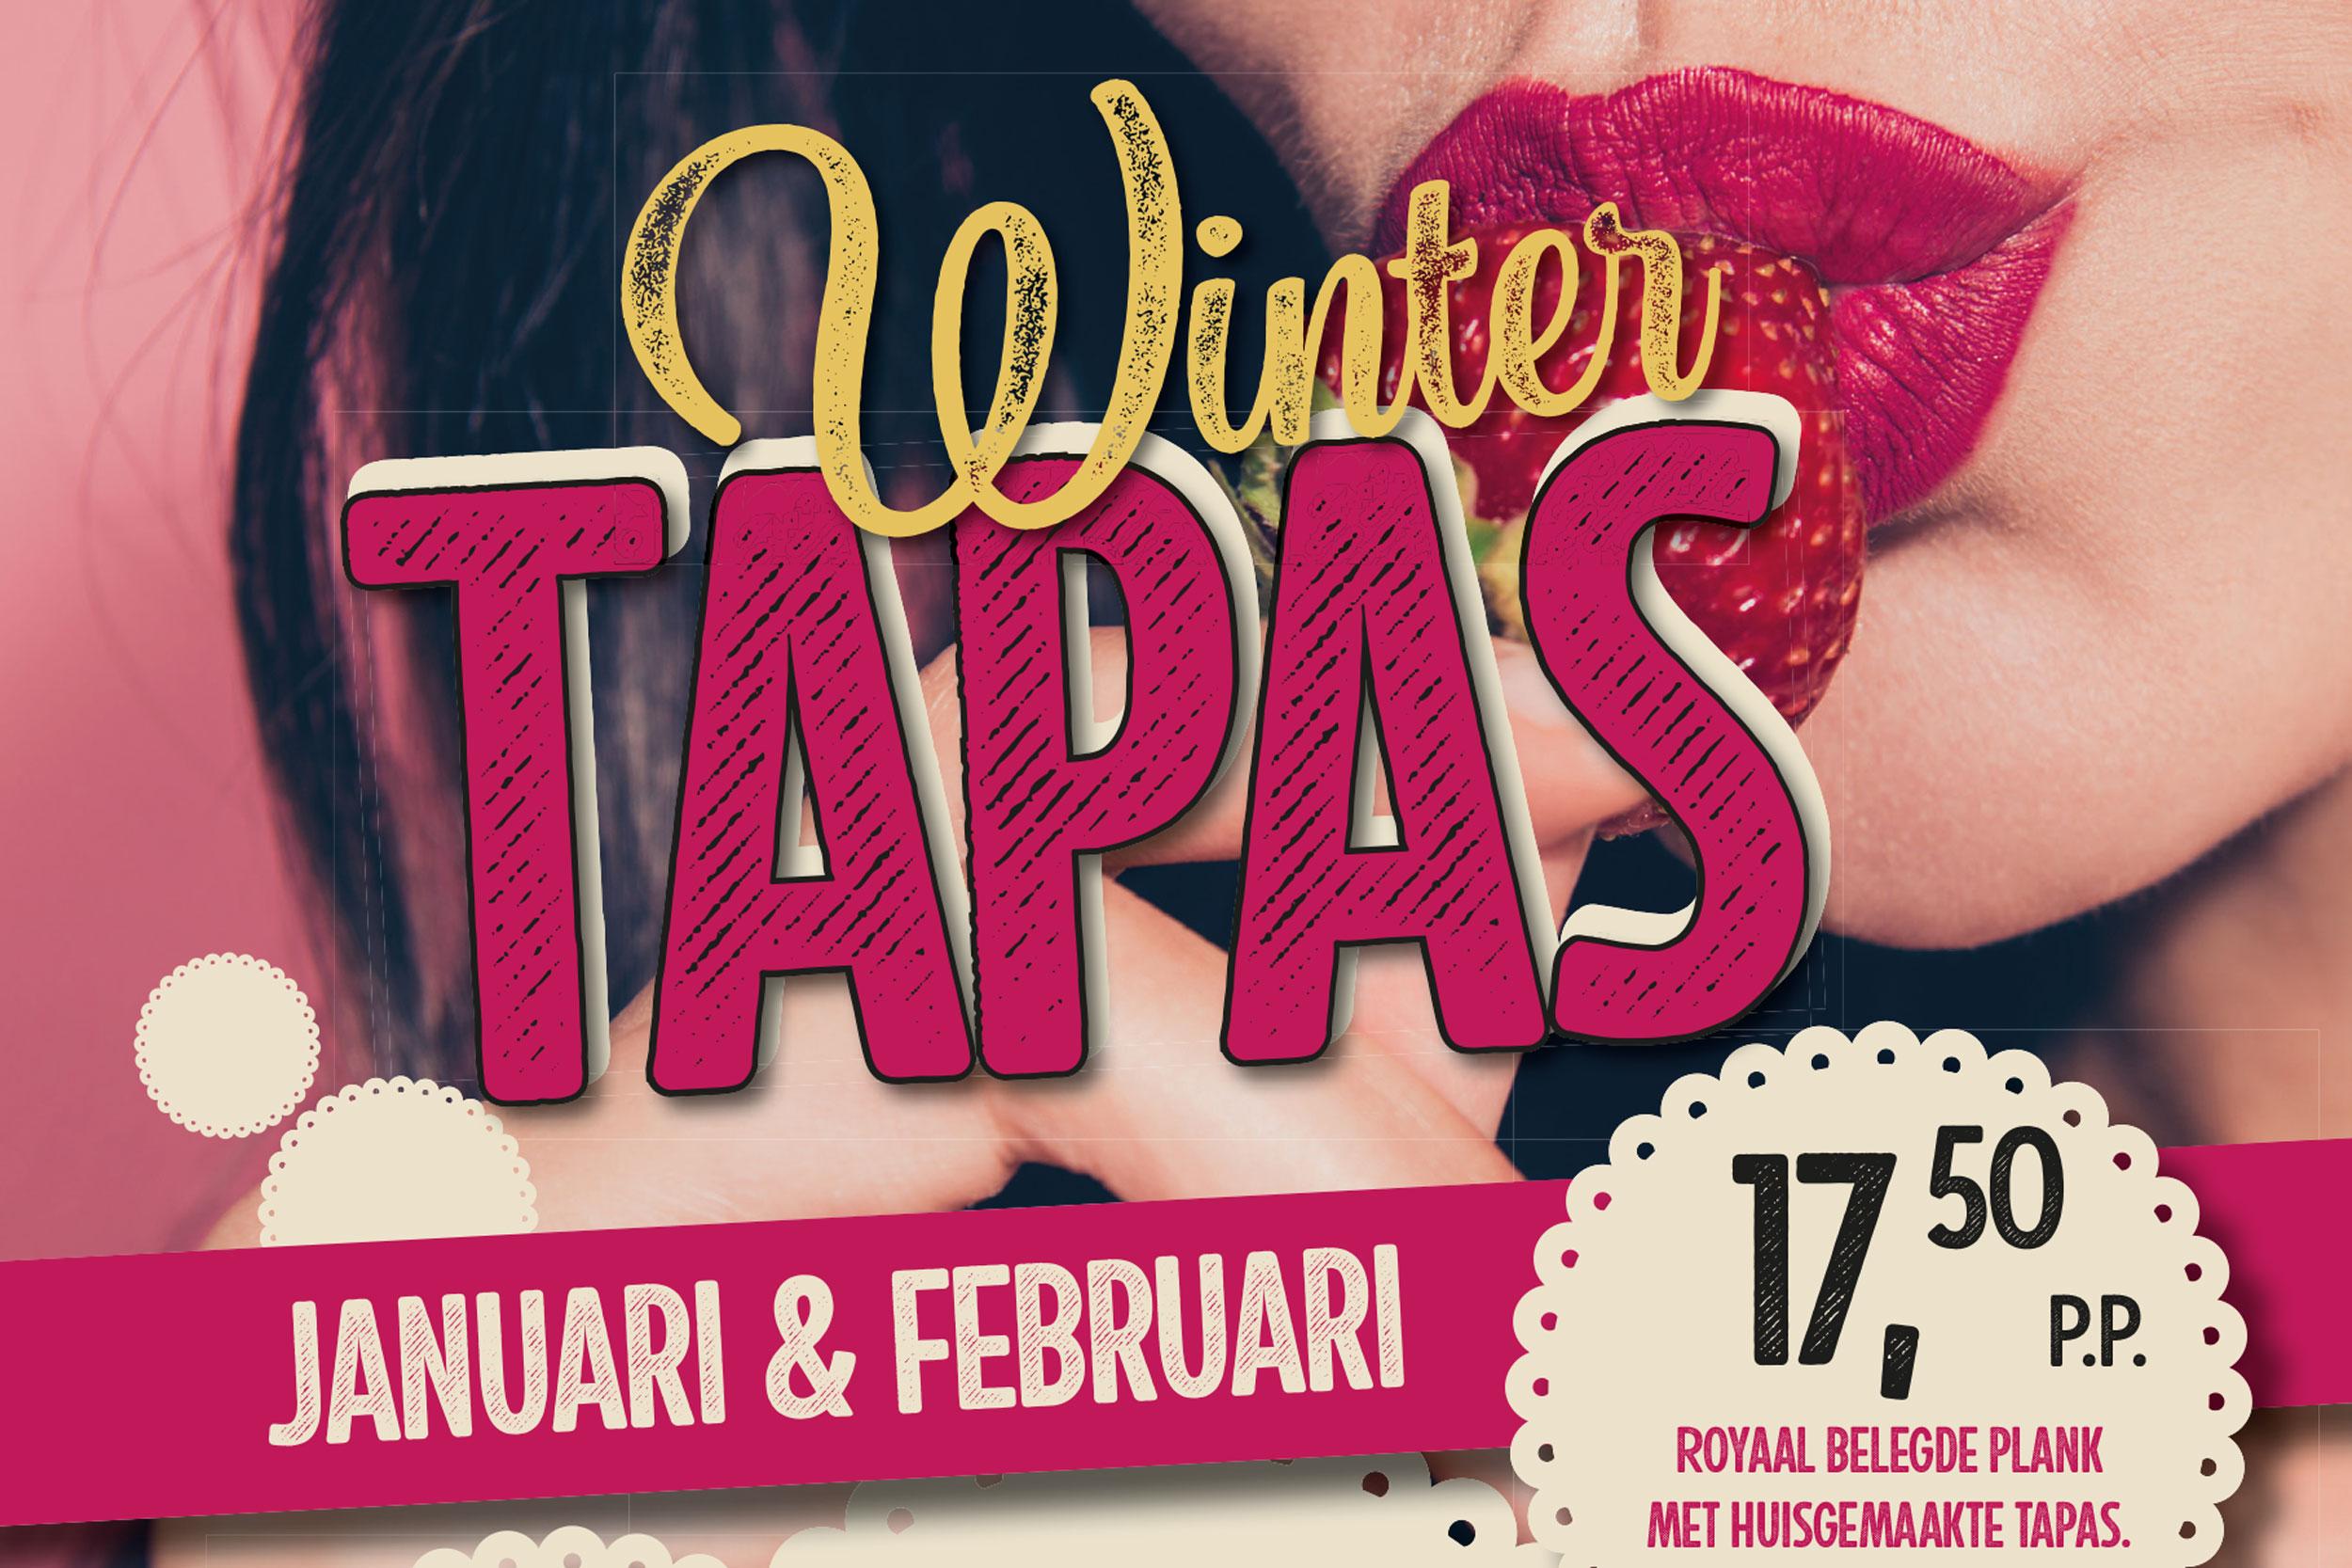 Winter Tapas in januari & februari